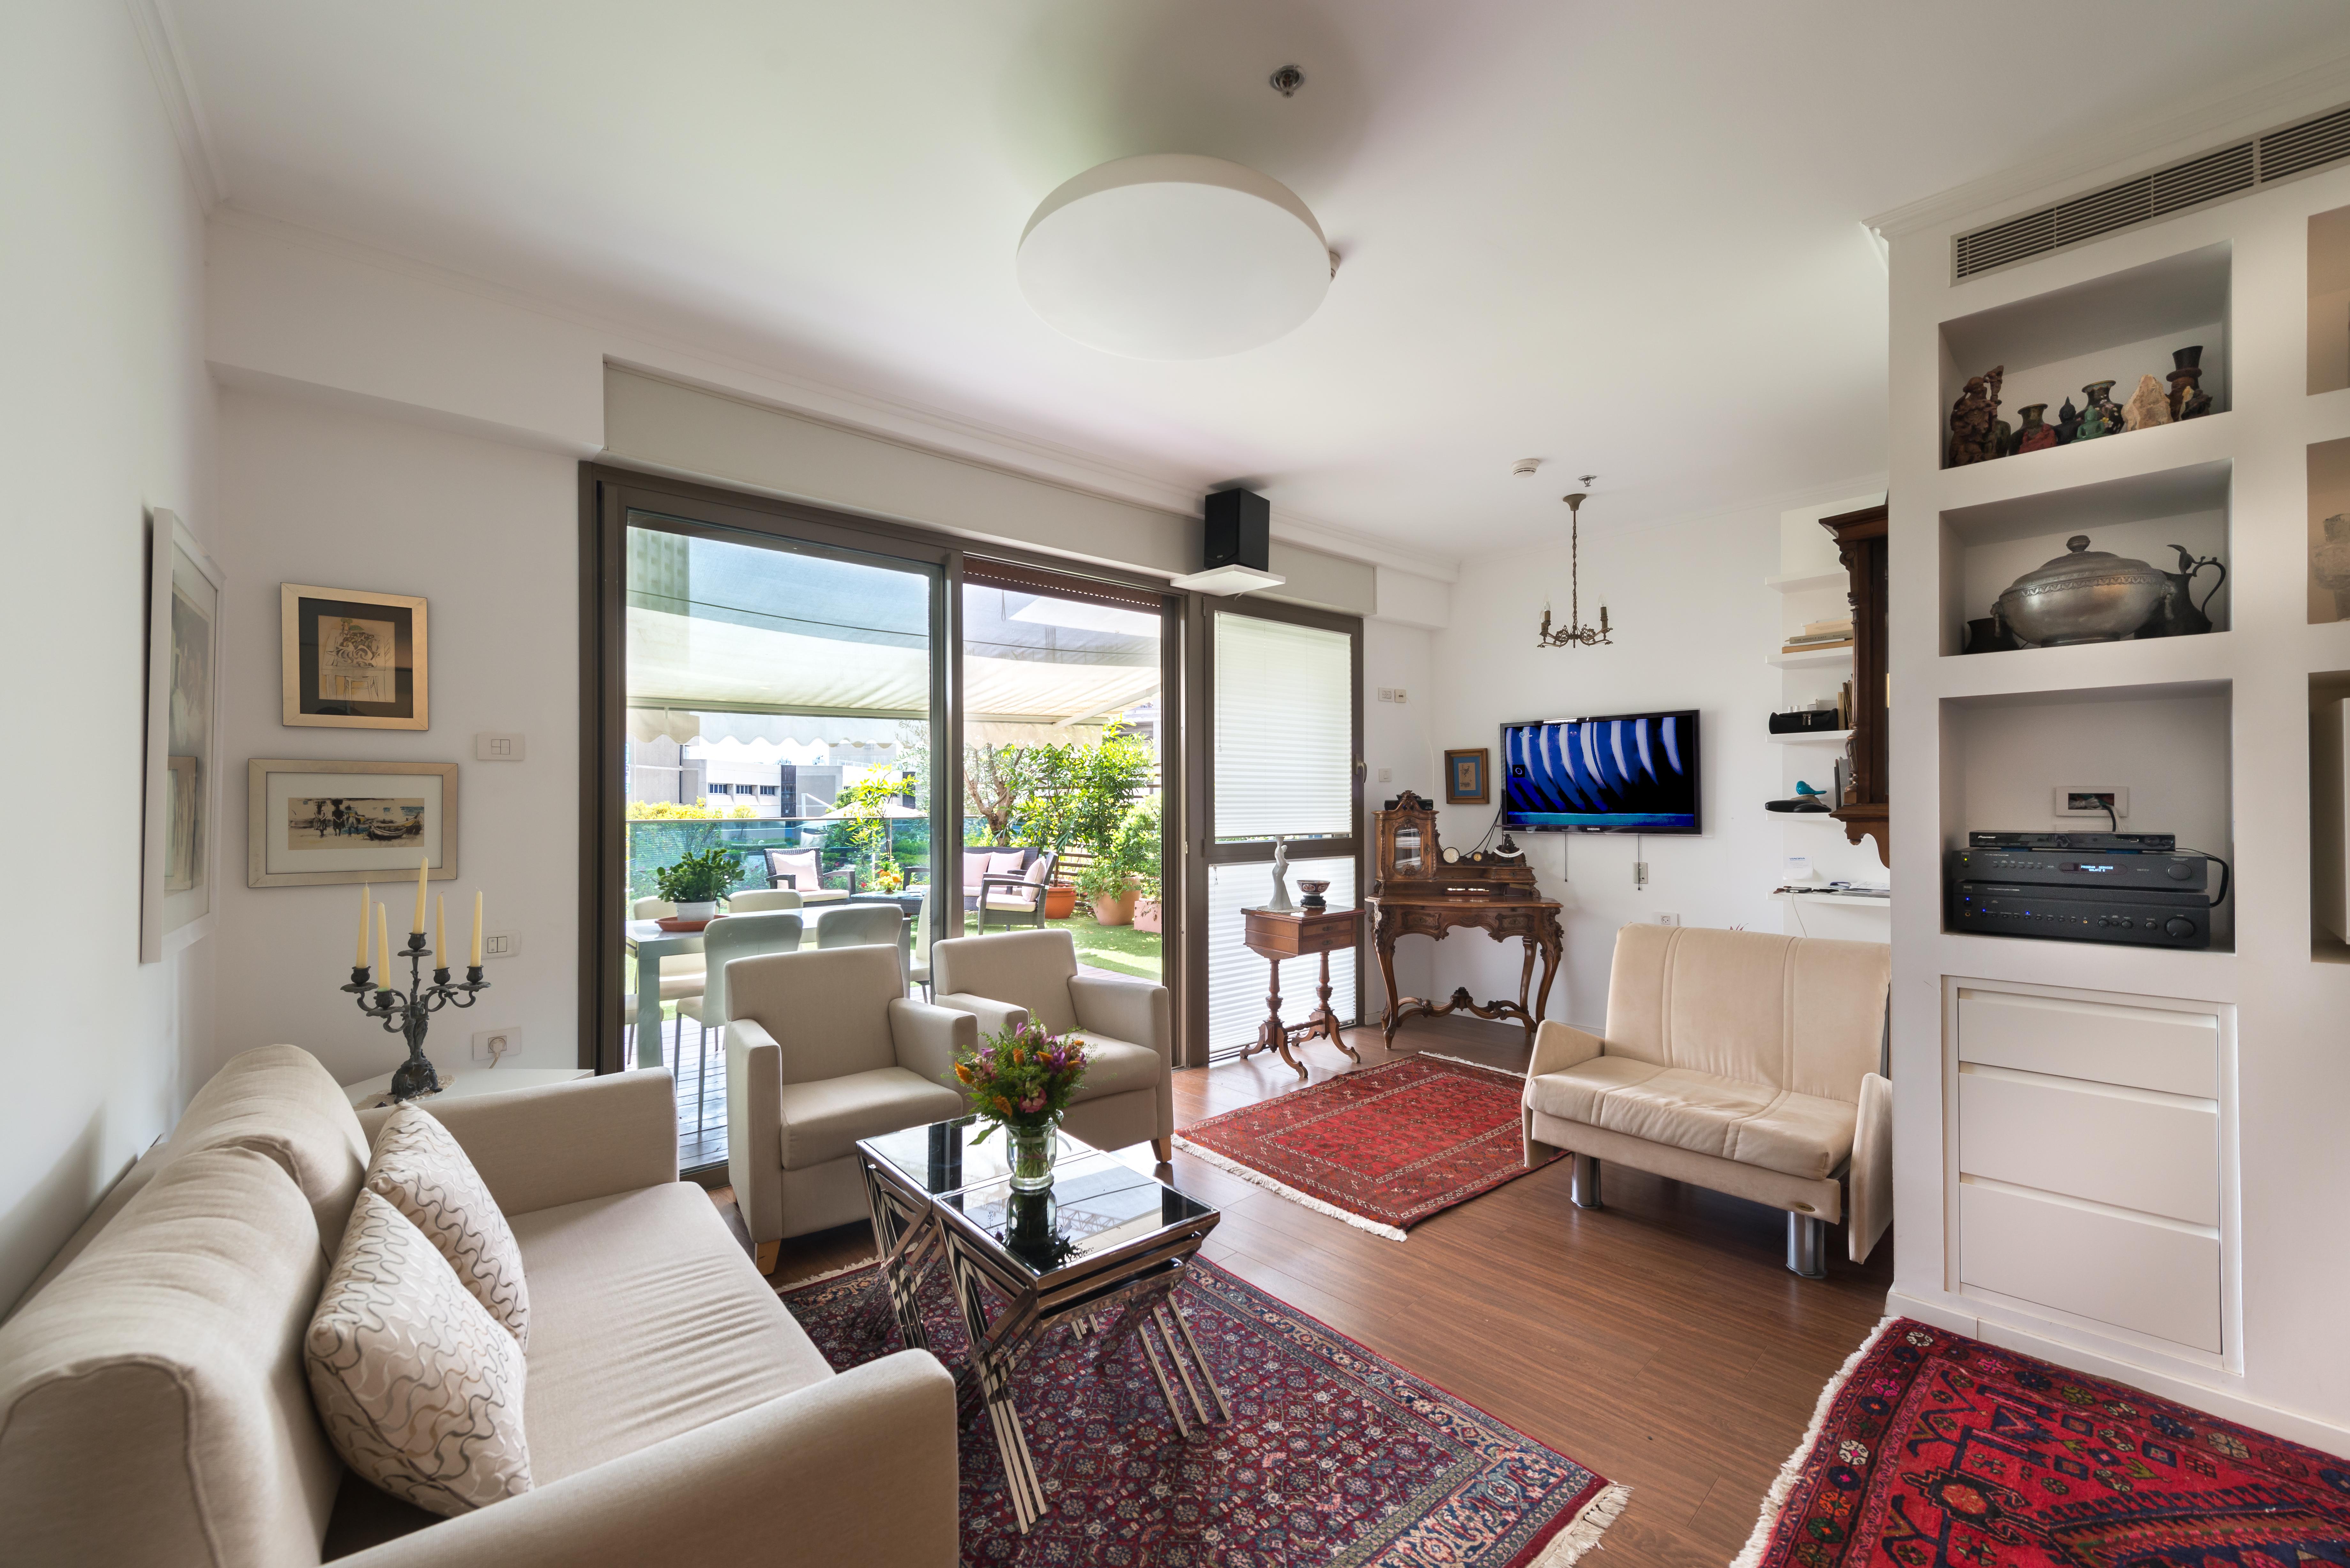 דיור מוגן יוקרתי לבני הגיל השלישי בתל אביב